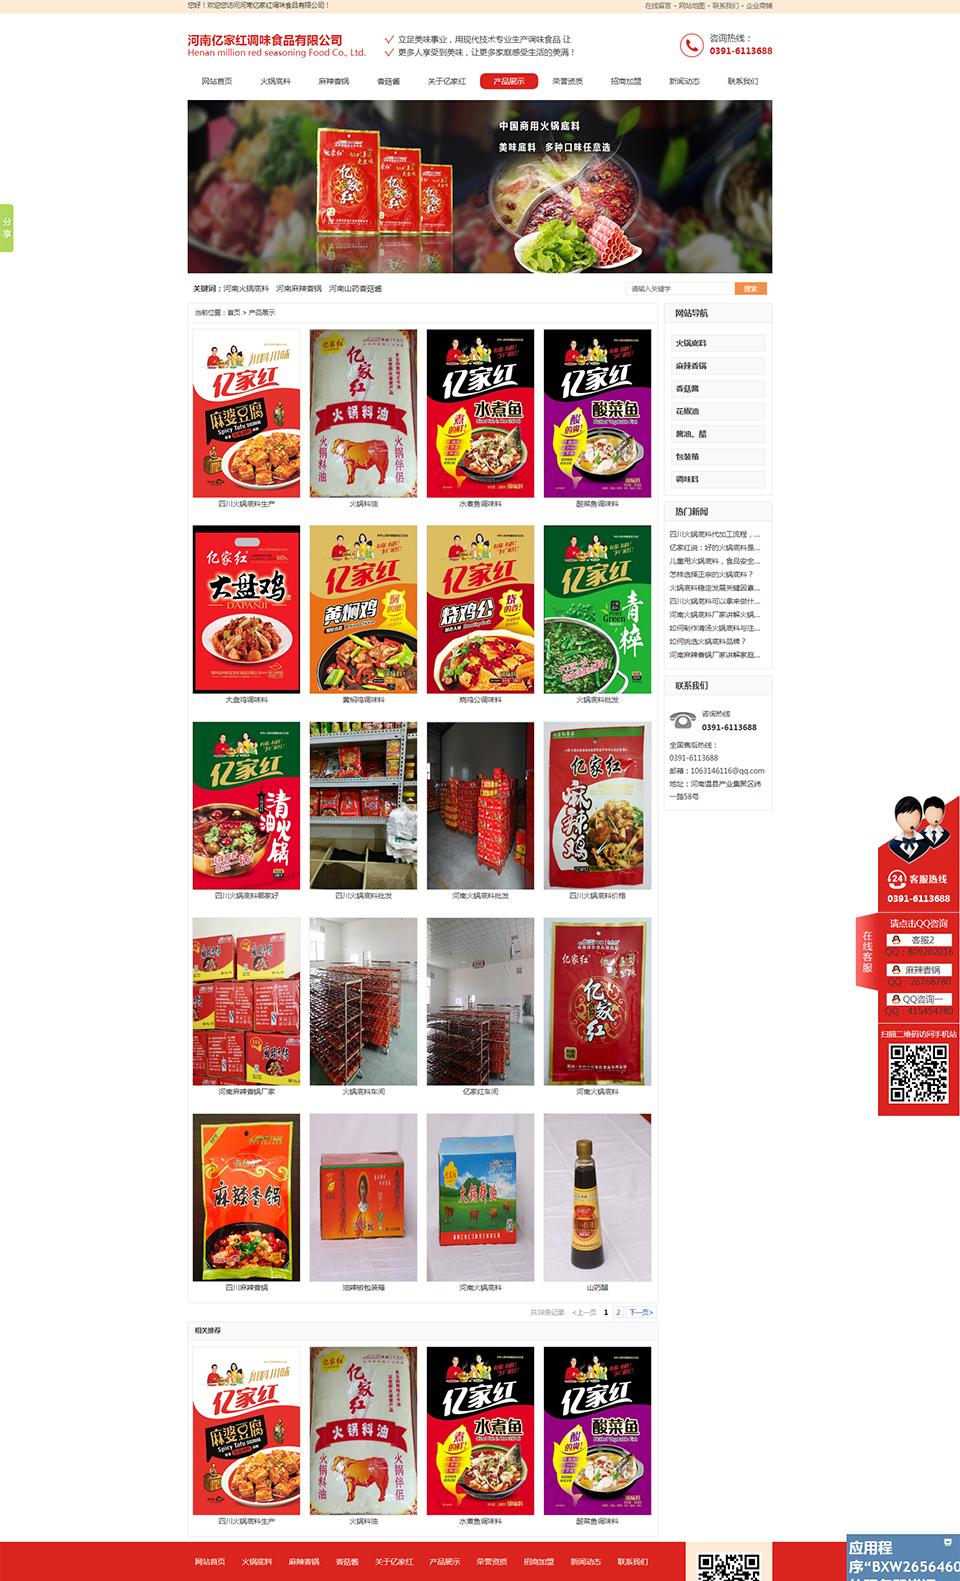 产品展示_四川达州市亿家红食品有限公司河南分公司.jpg